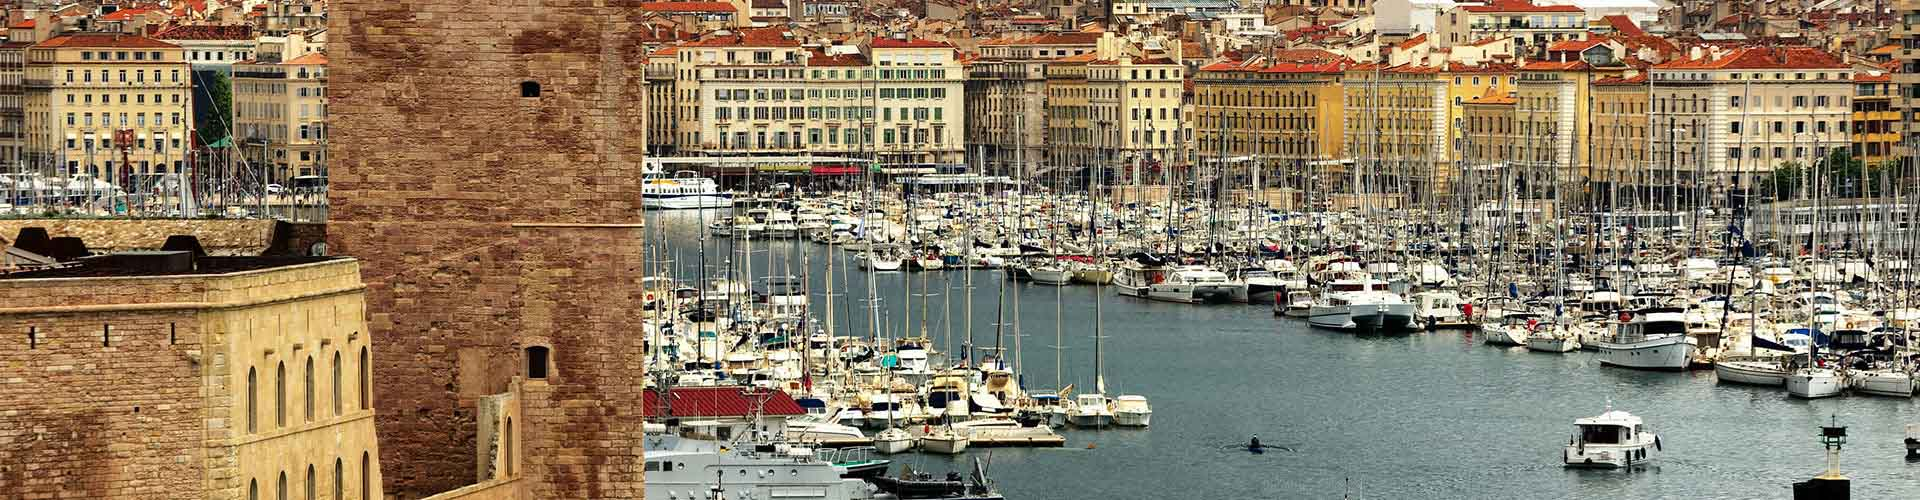 Marsella - Hostales en Marsella. Mapas de Marsella, Fotos y comentarios de cada Hostal en Marsella.